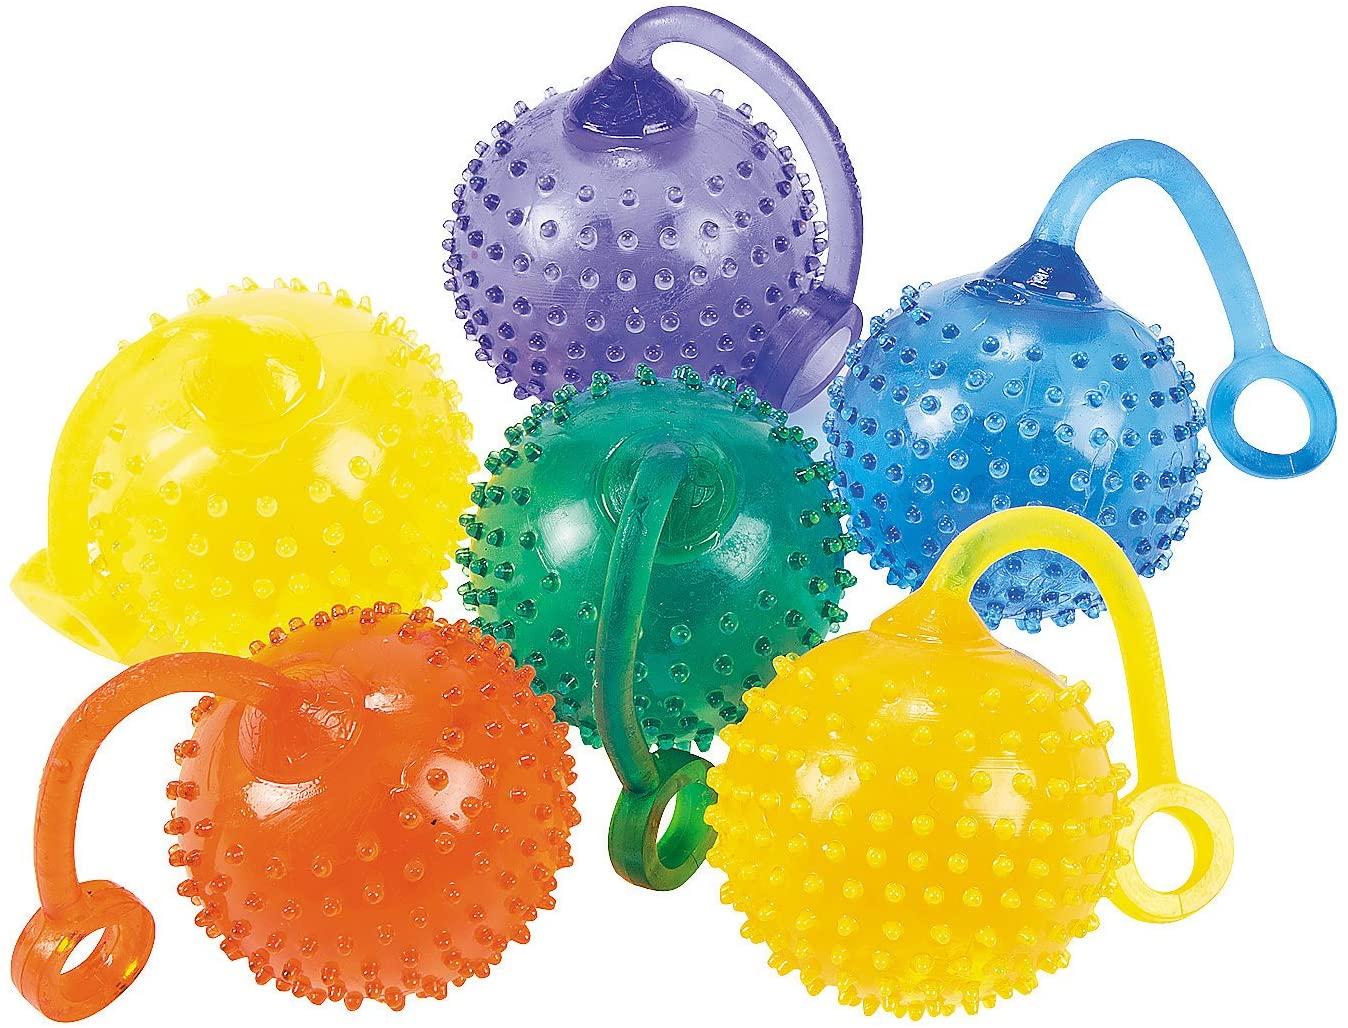 Yo-yo water ball